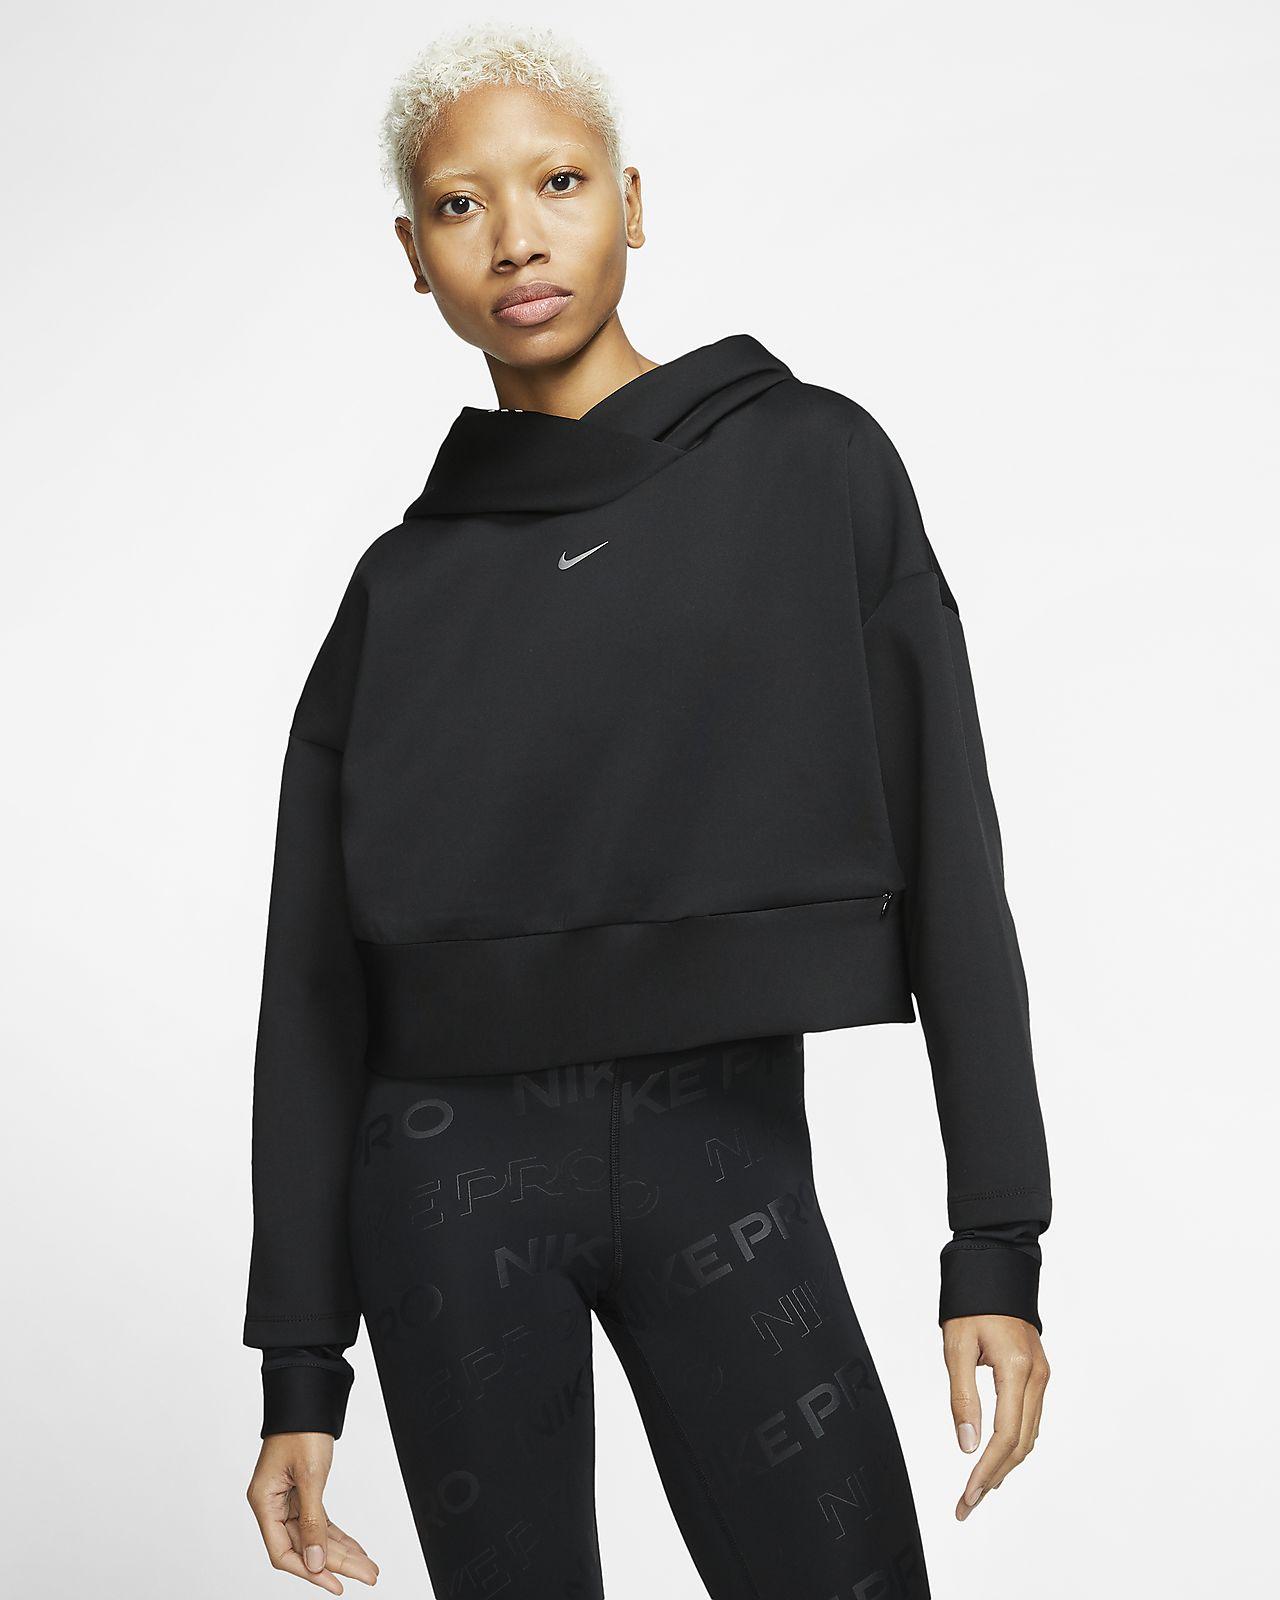 Ladies Plain Hoodies Zip Up Sweatshirt Women Fleece Jacket Top UK 8 To UK 16